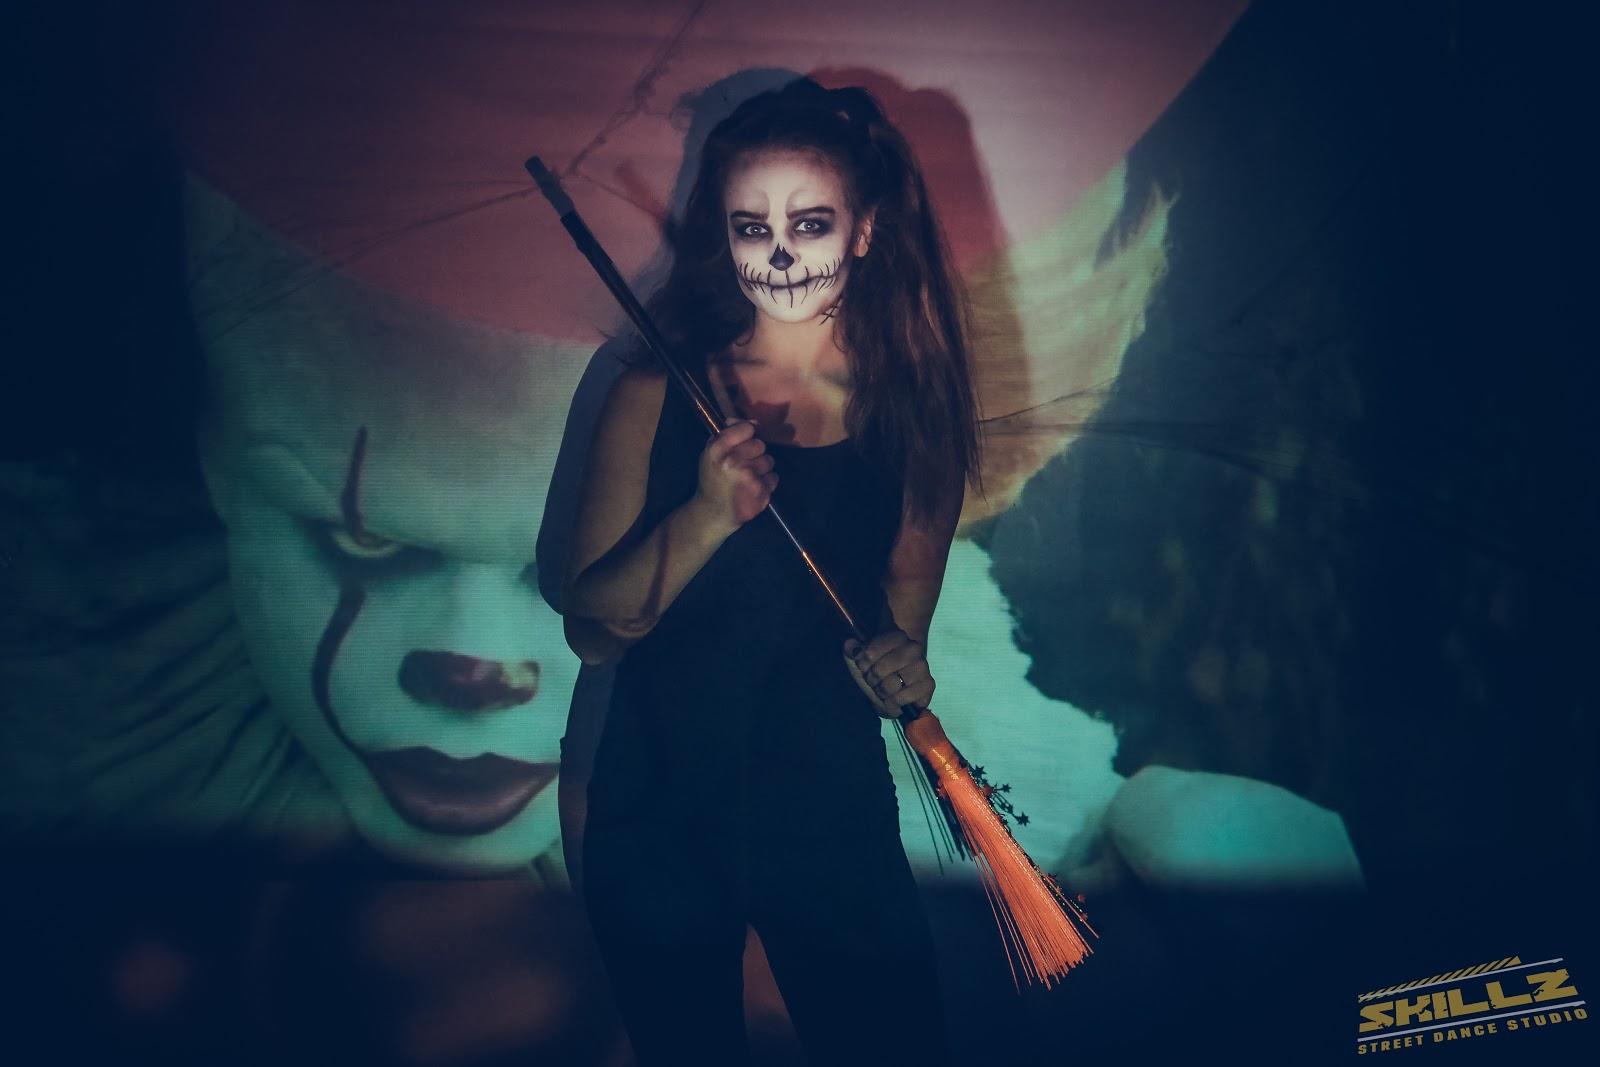 Naujikų krikštynos @SKILLZ (Halloween tema) - PANA1679.jpg